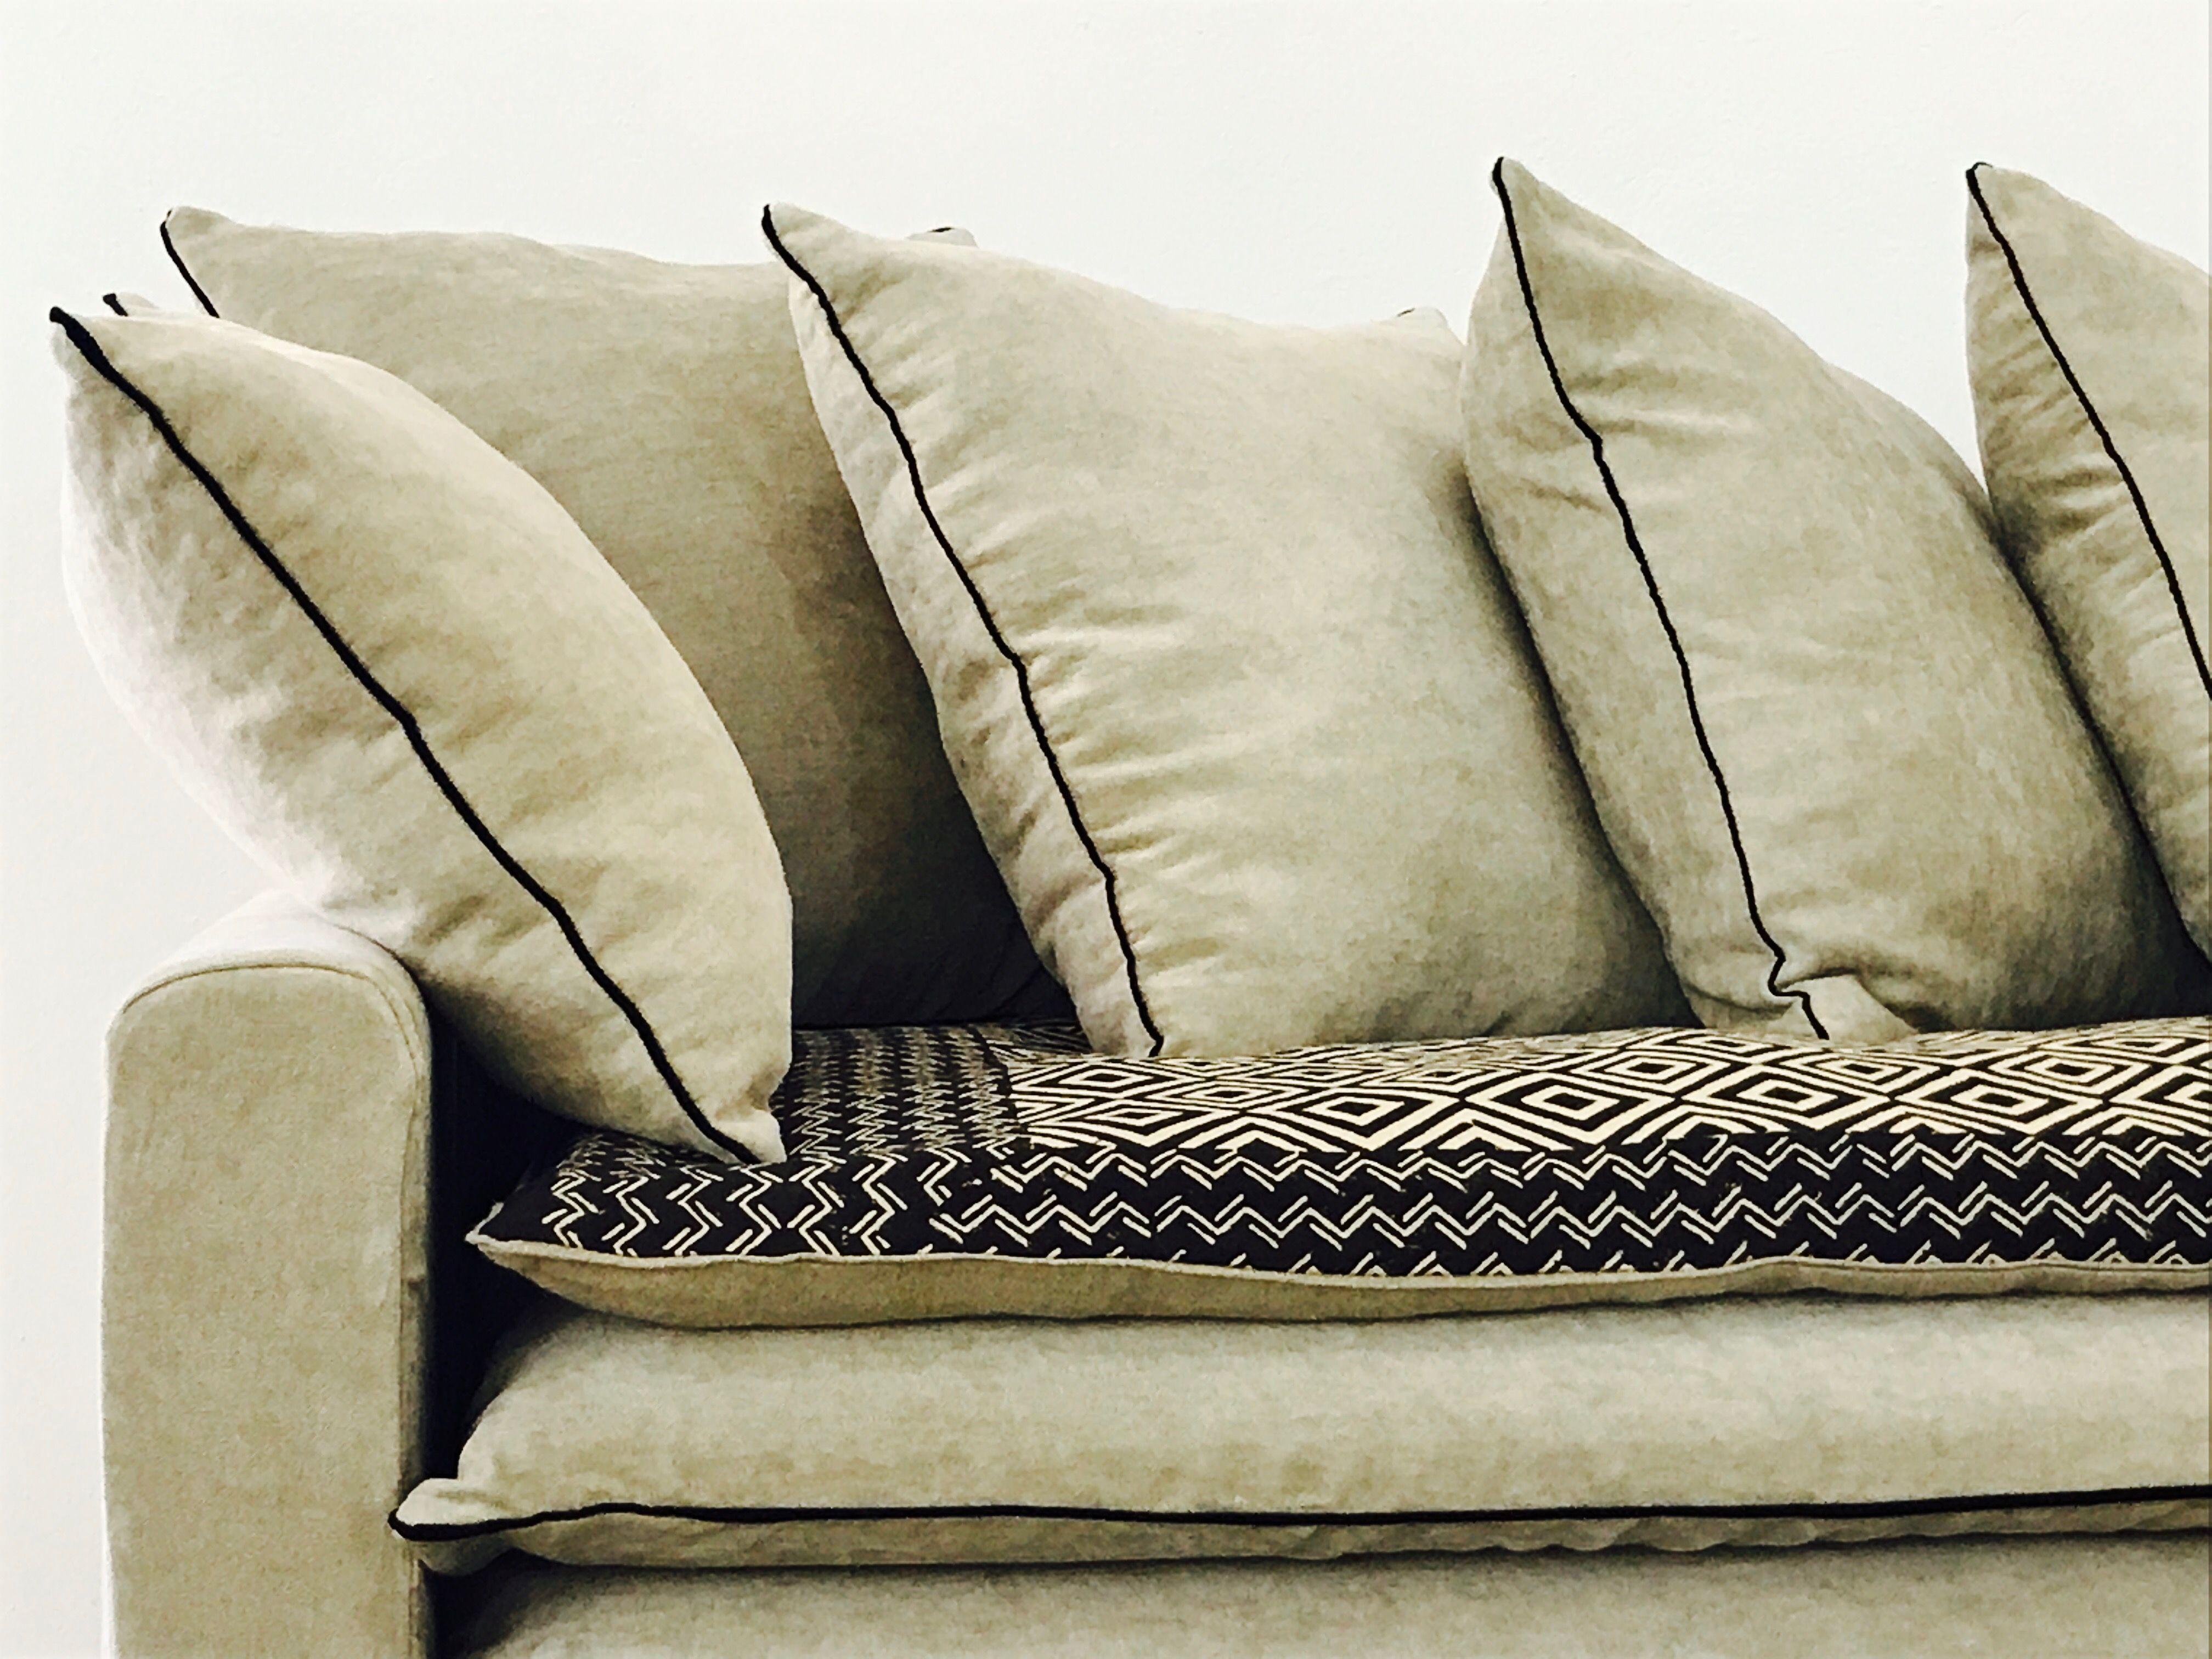 Canap en lin lav beige ciment et son sofa cover beige et - Creer son canape sur mesure ...